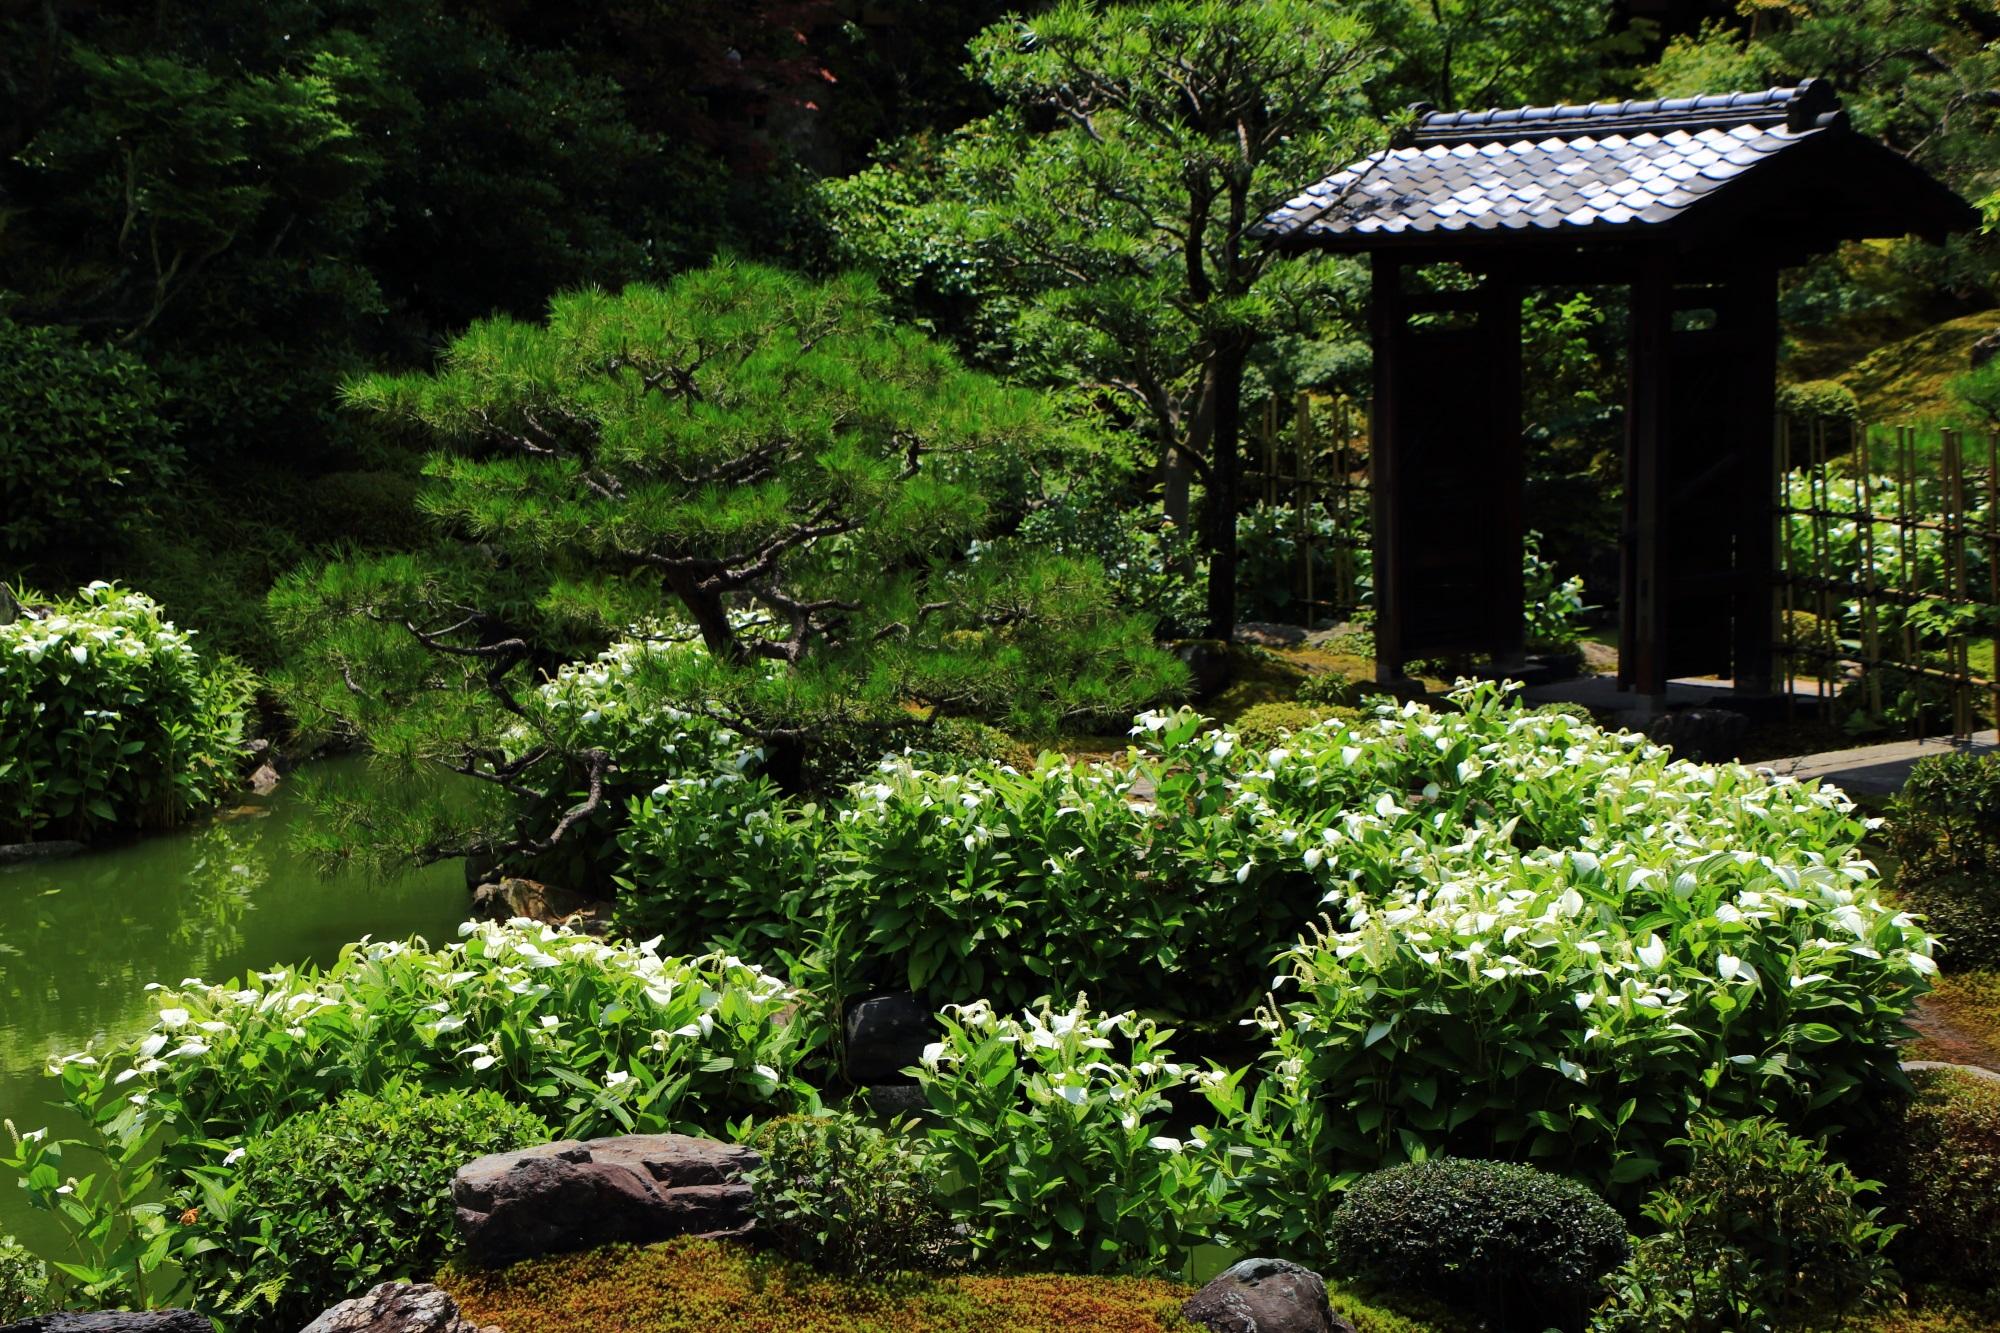 両足院の庭園に面白みをそえる佇む門